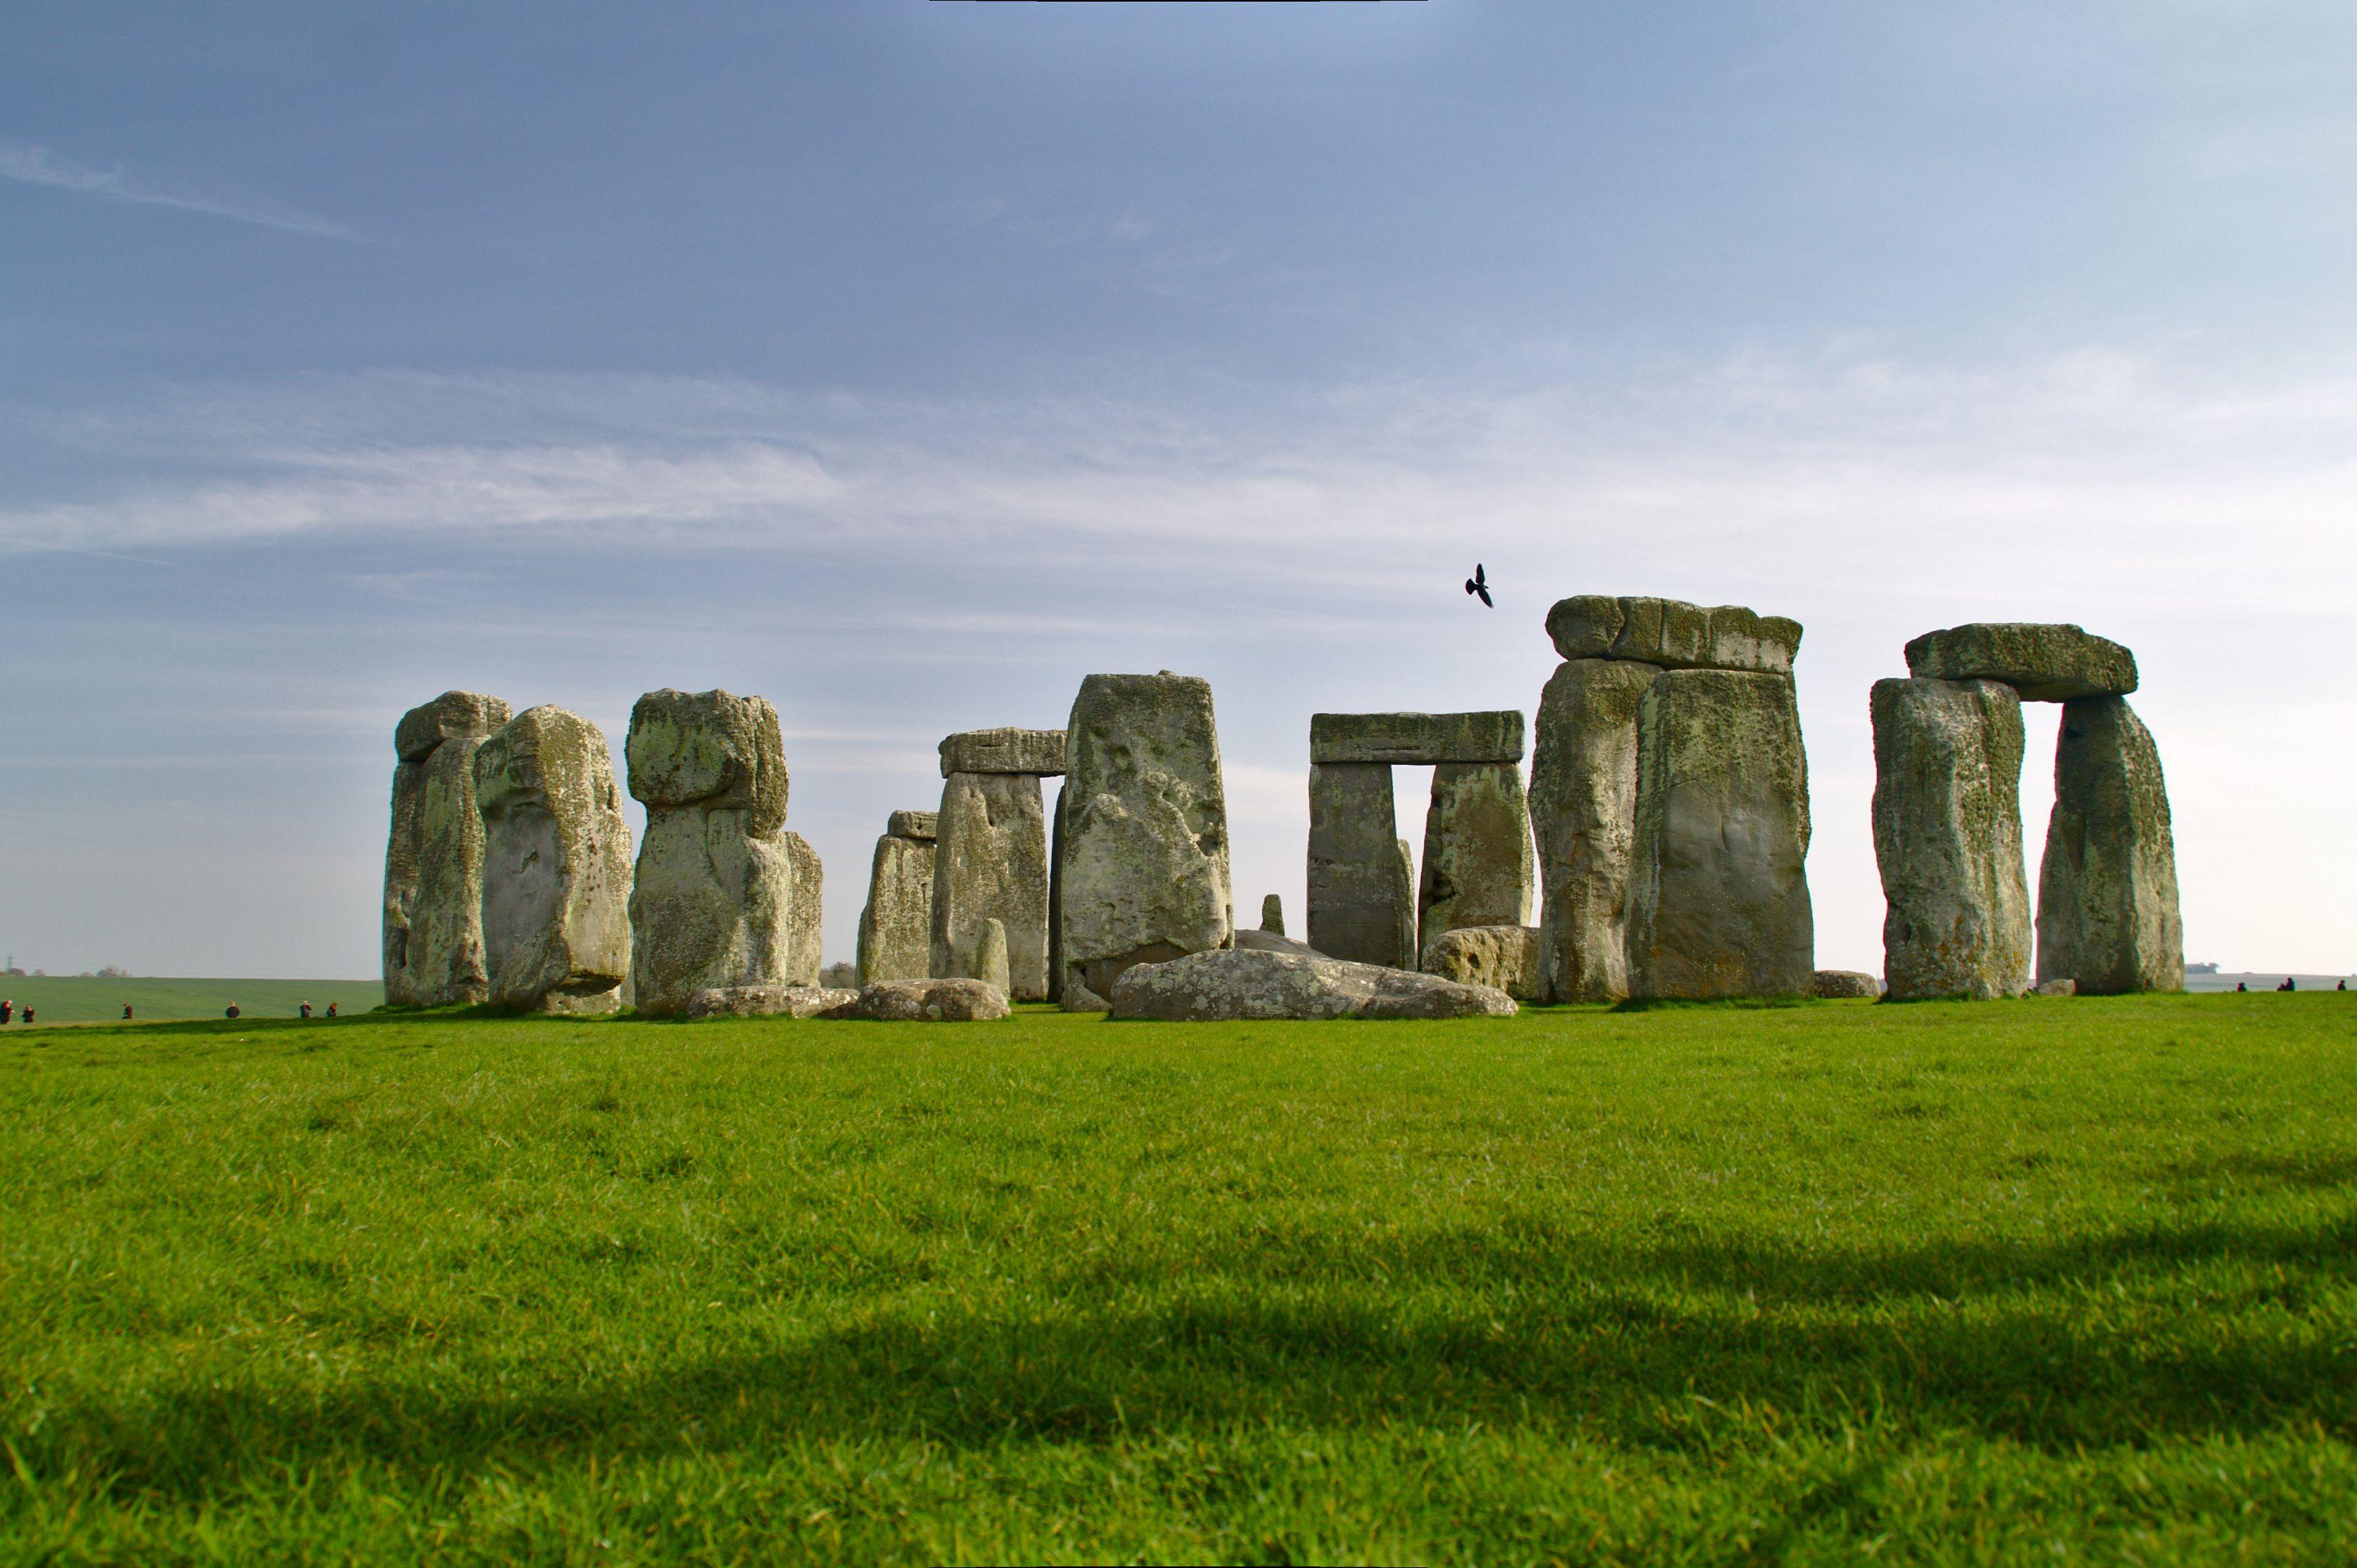 Преступление тысячелетия: ученые выяснили, кто убил создателей Стоунхенджа